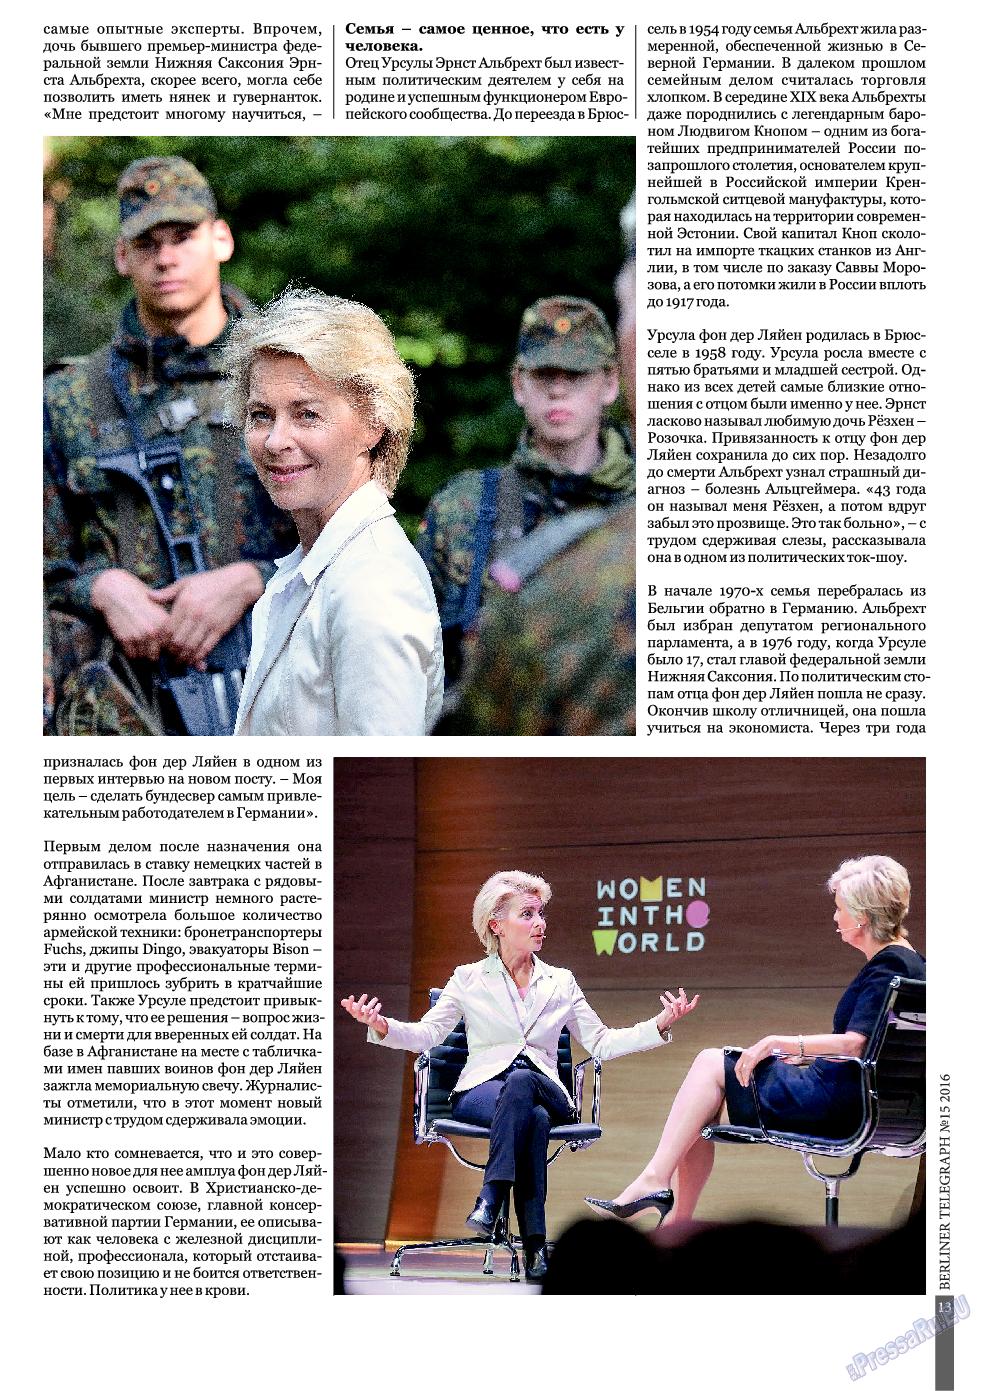 Берлинский телеграф (журнал). 2016 год, номер 15, стр. 13